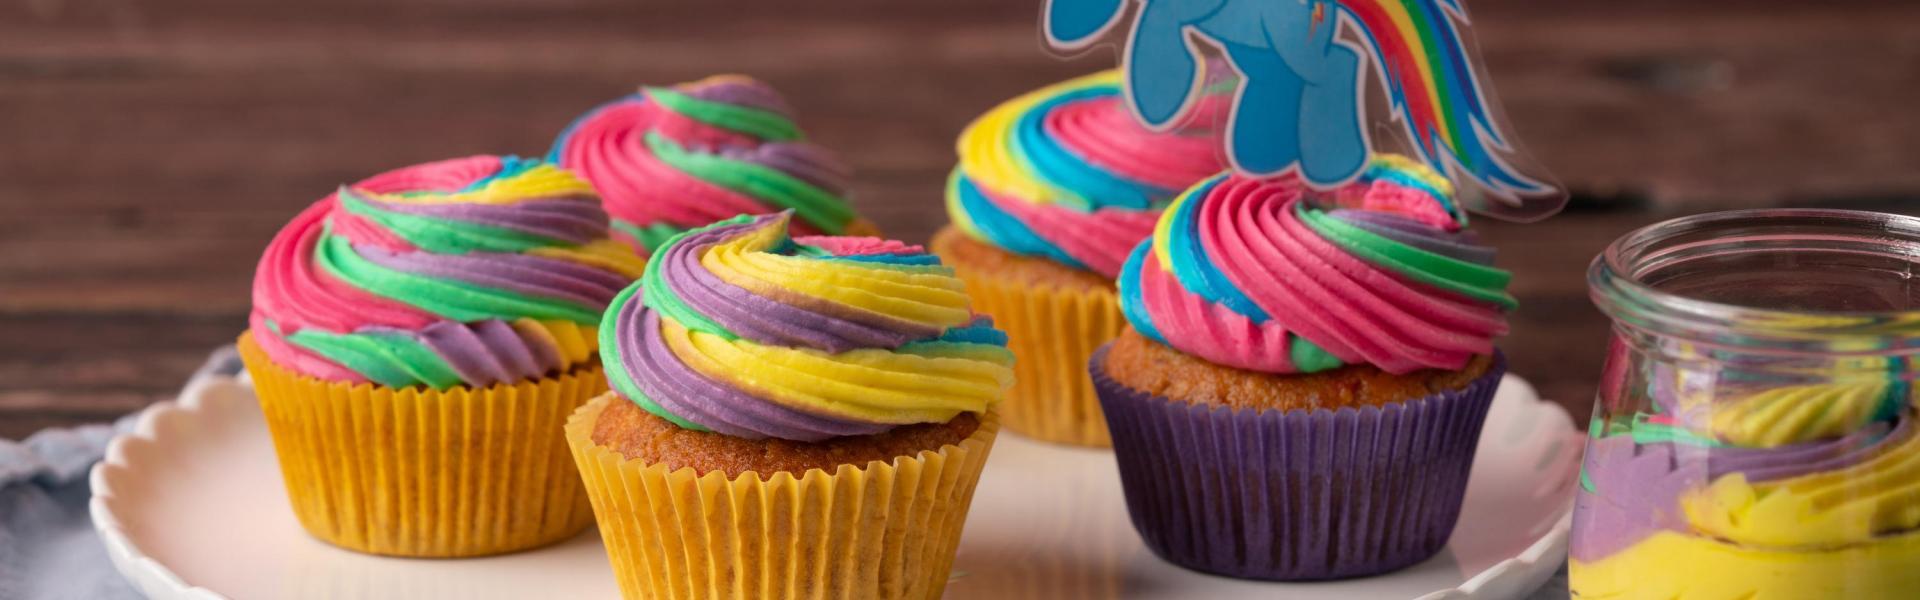 Regenbogen-Cupcakes mit Rainbow-Dash-Topper auf weißem Teller.